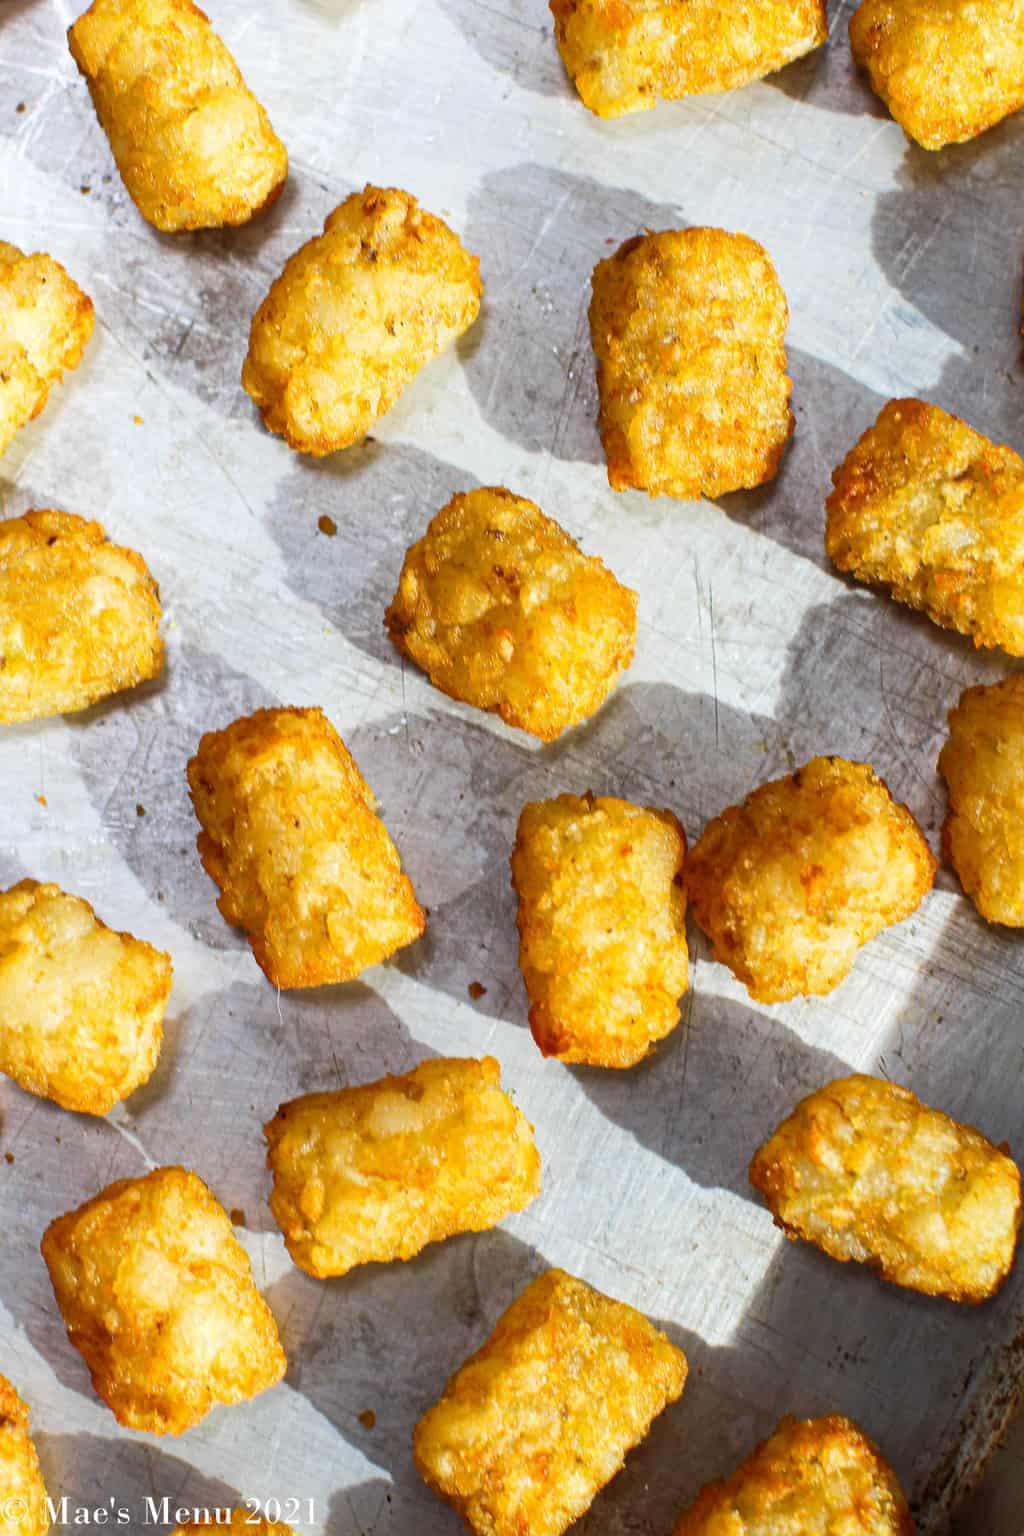 air fryer tater tots on a baking sheet